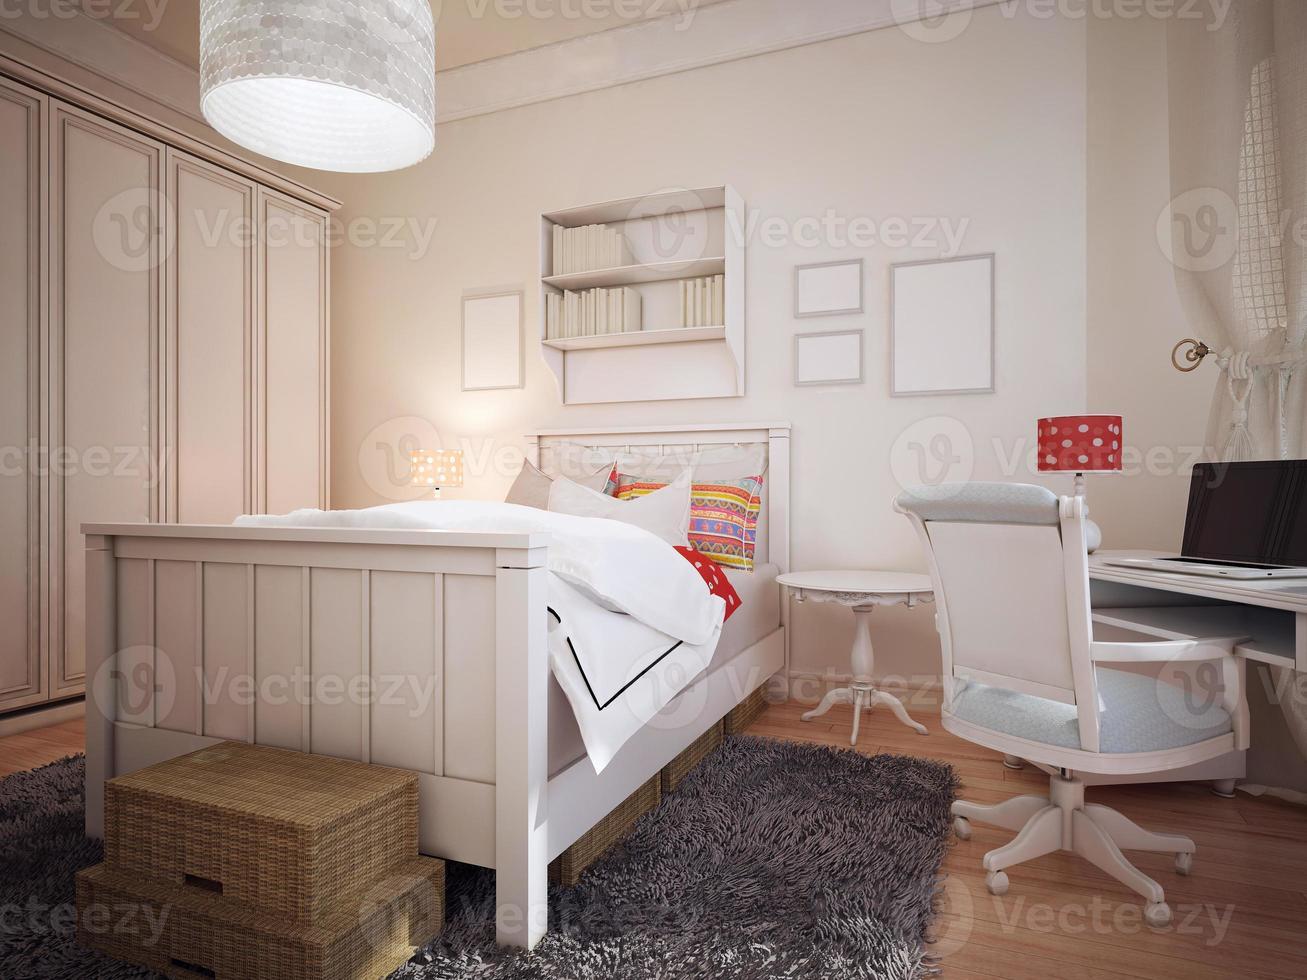 dormitorio en diseño mediterraneo foto